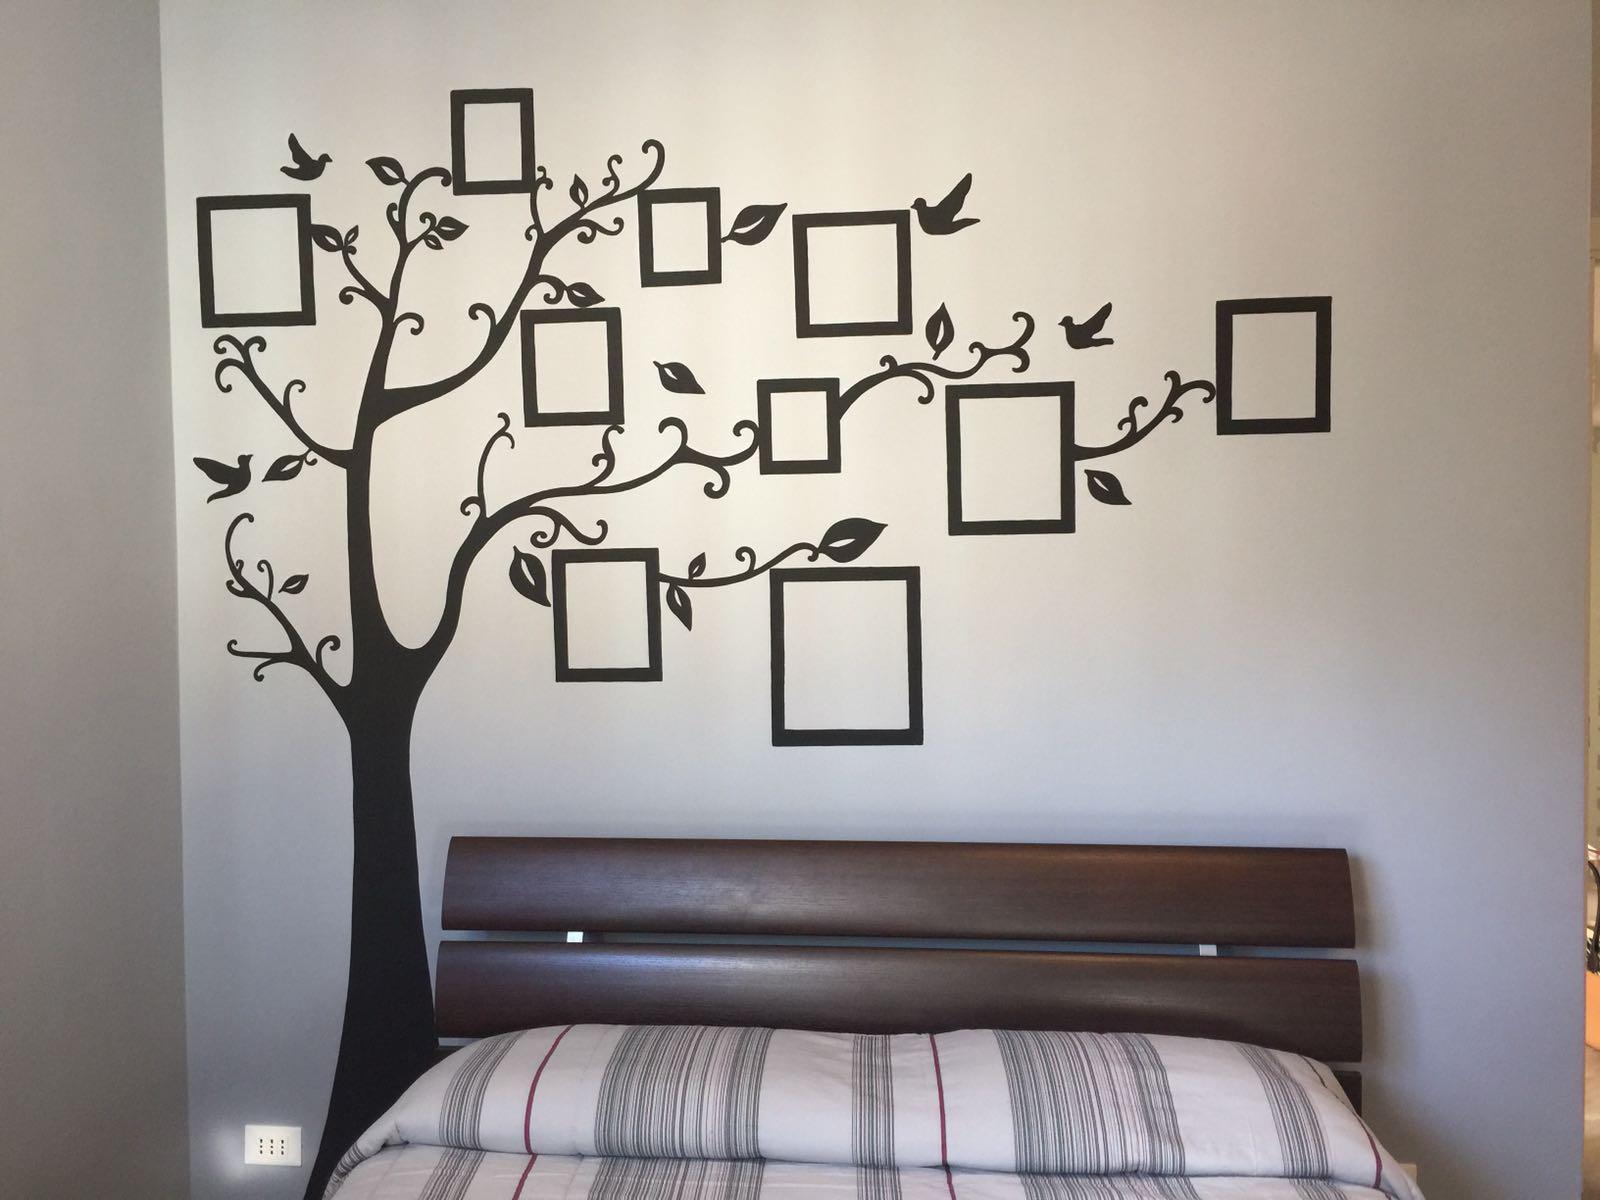 Decorare una parete con gli alberi delle foto - Decorare una parete ...